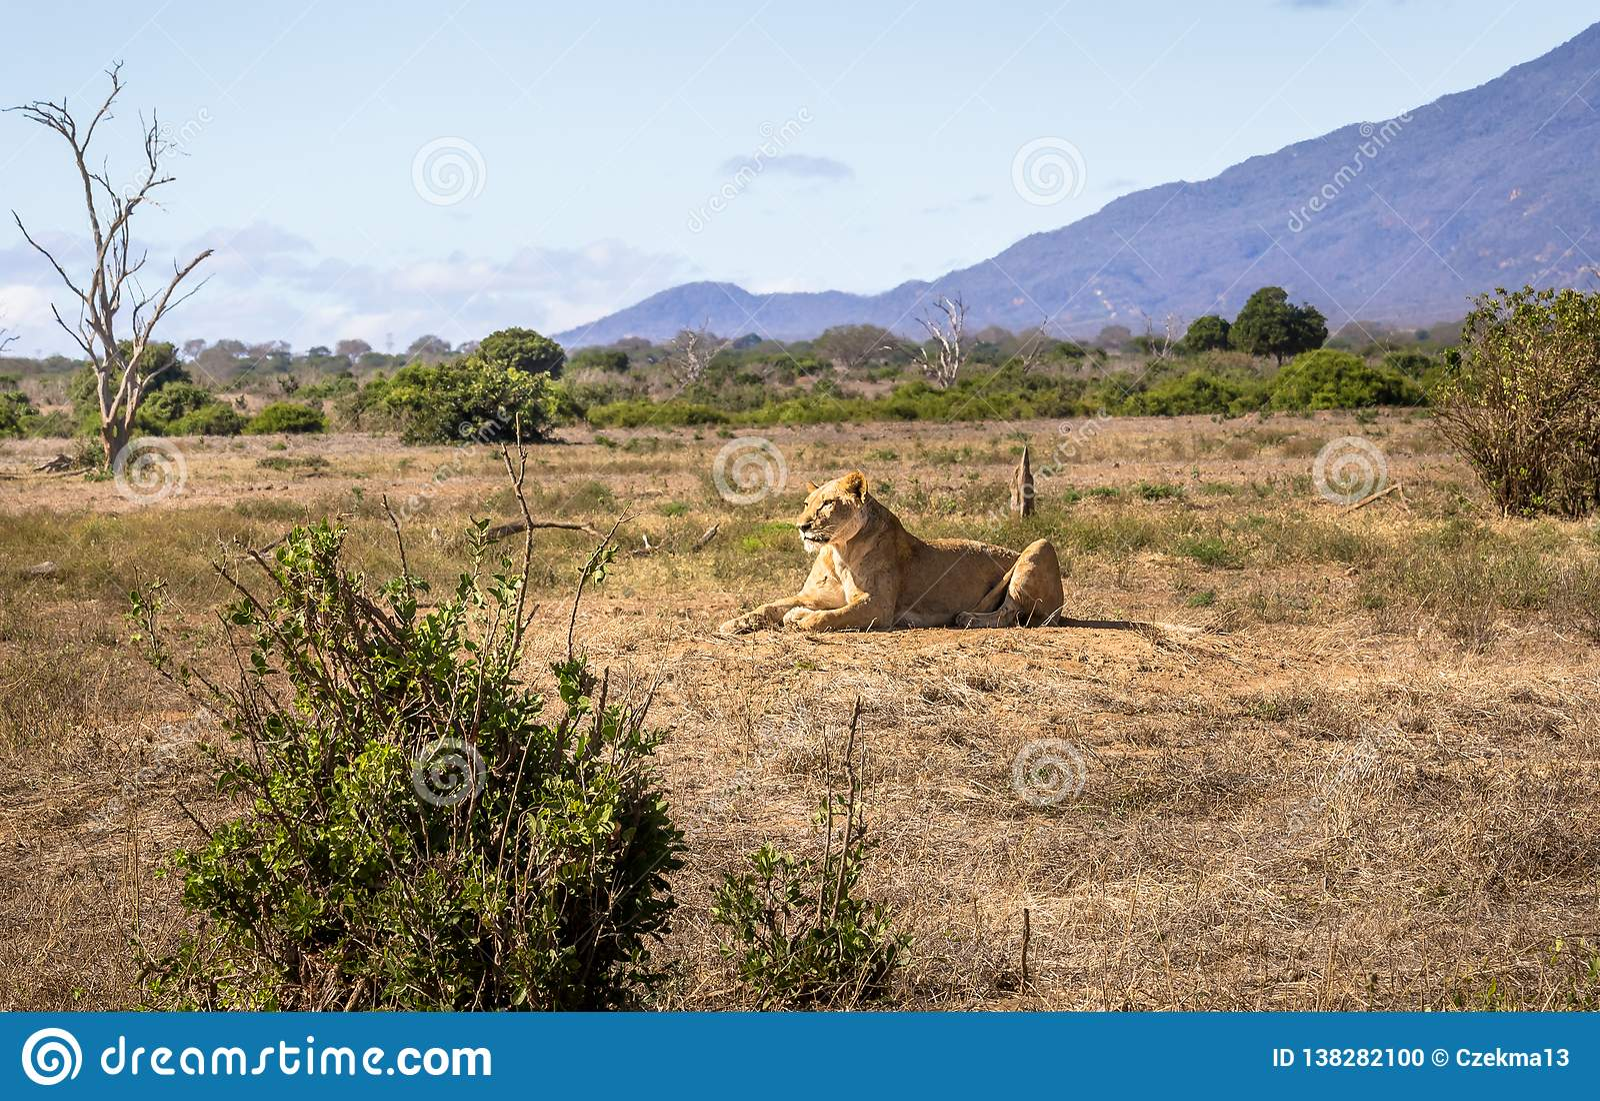 Afrikansk lejoninna i Kenya